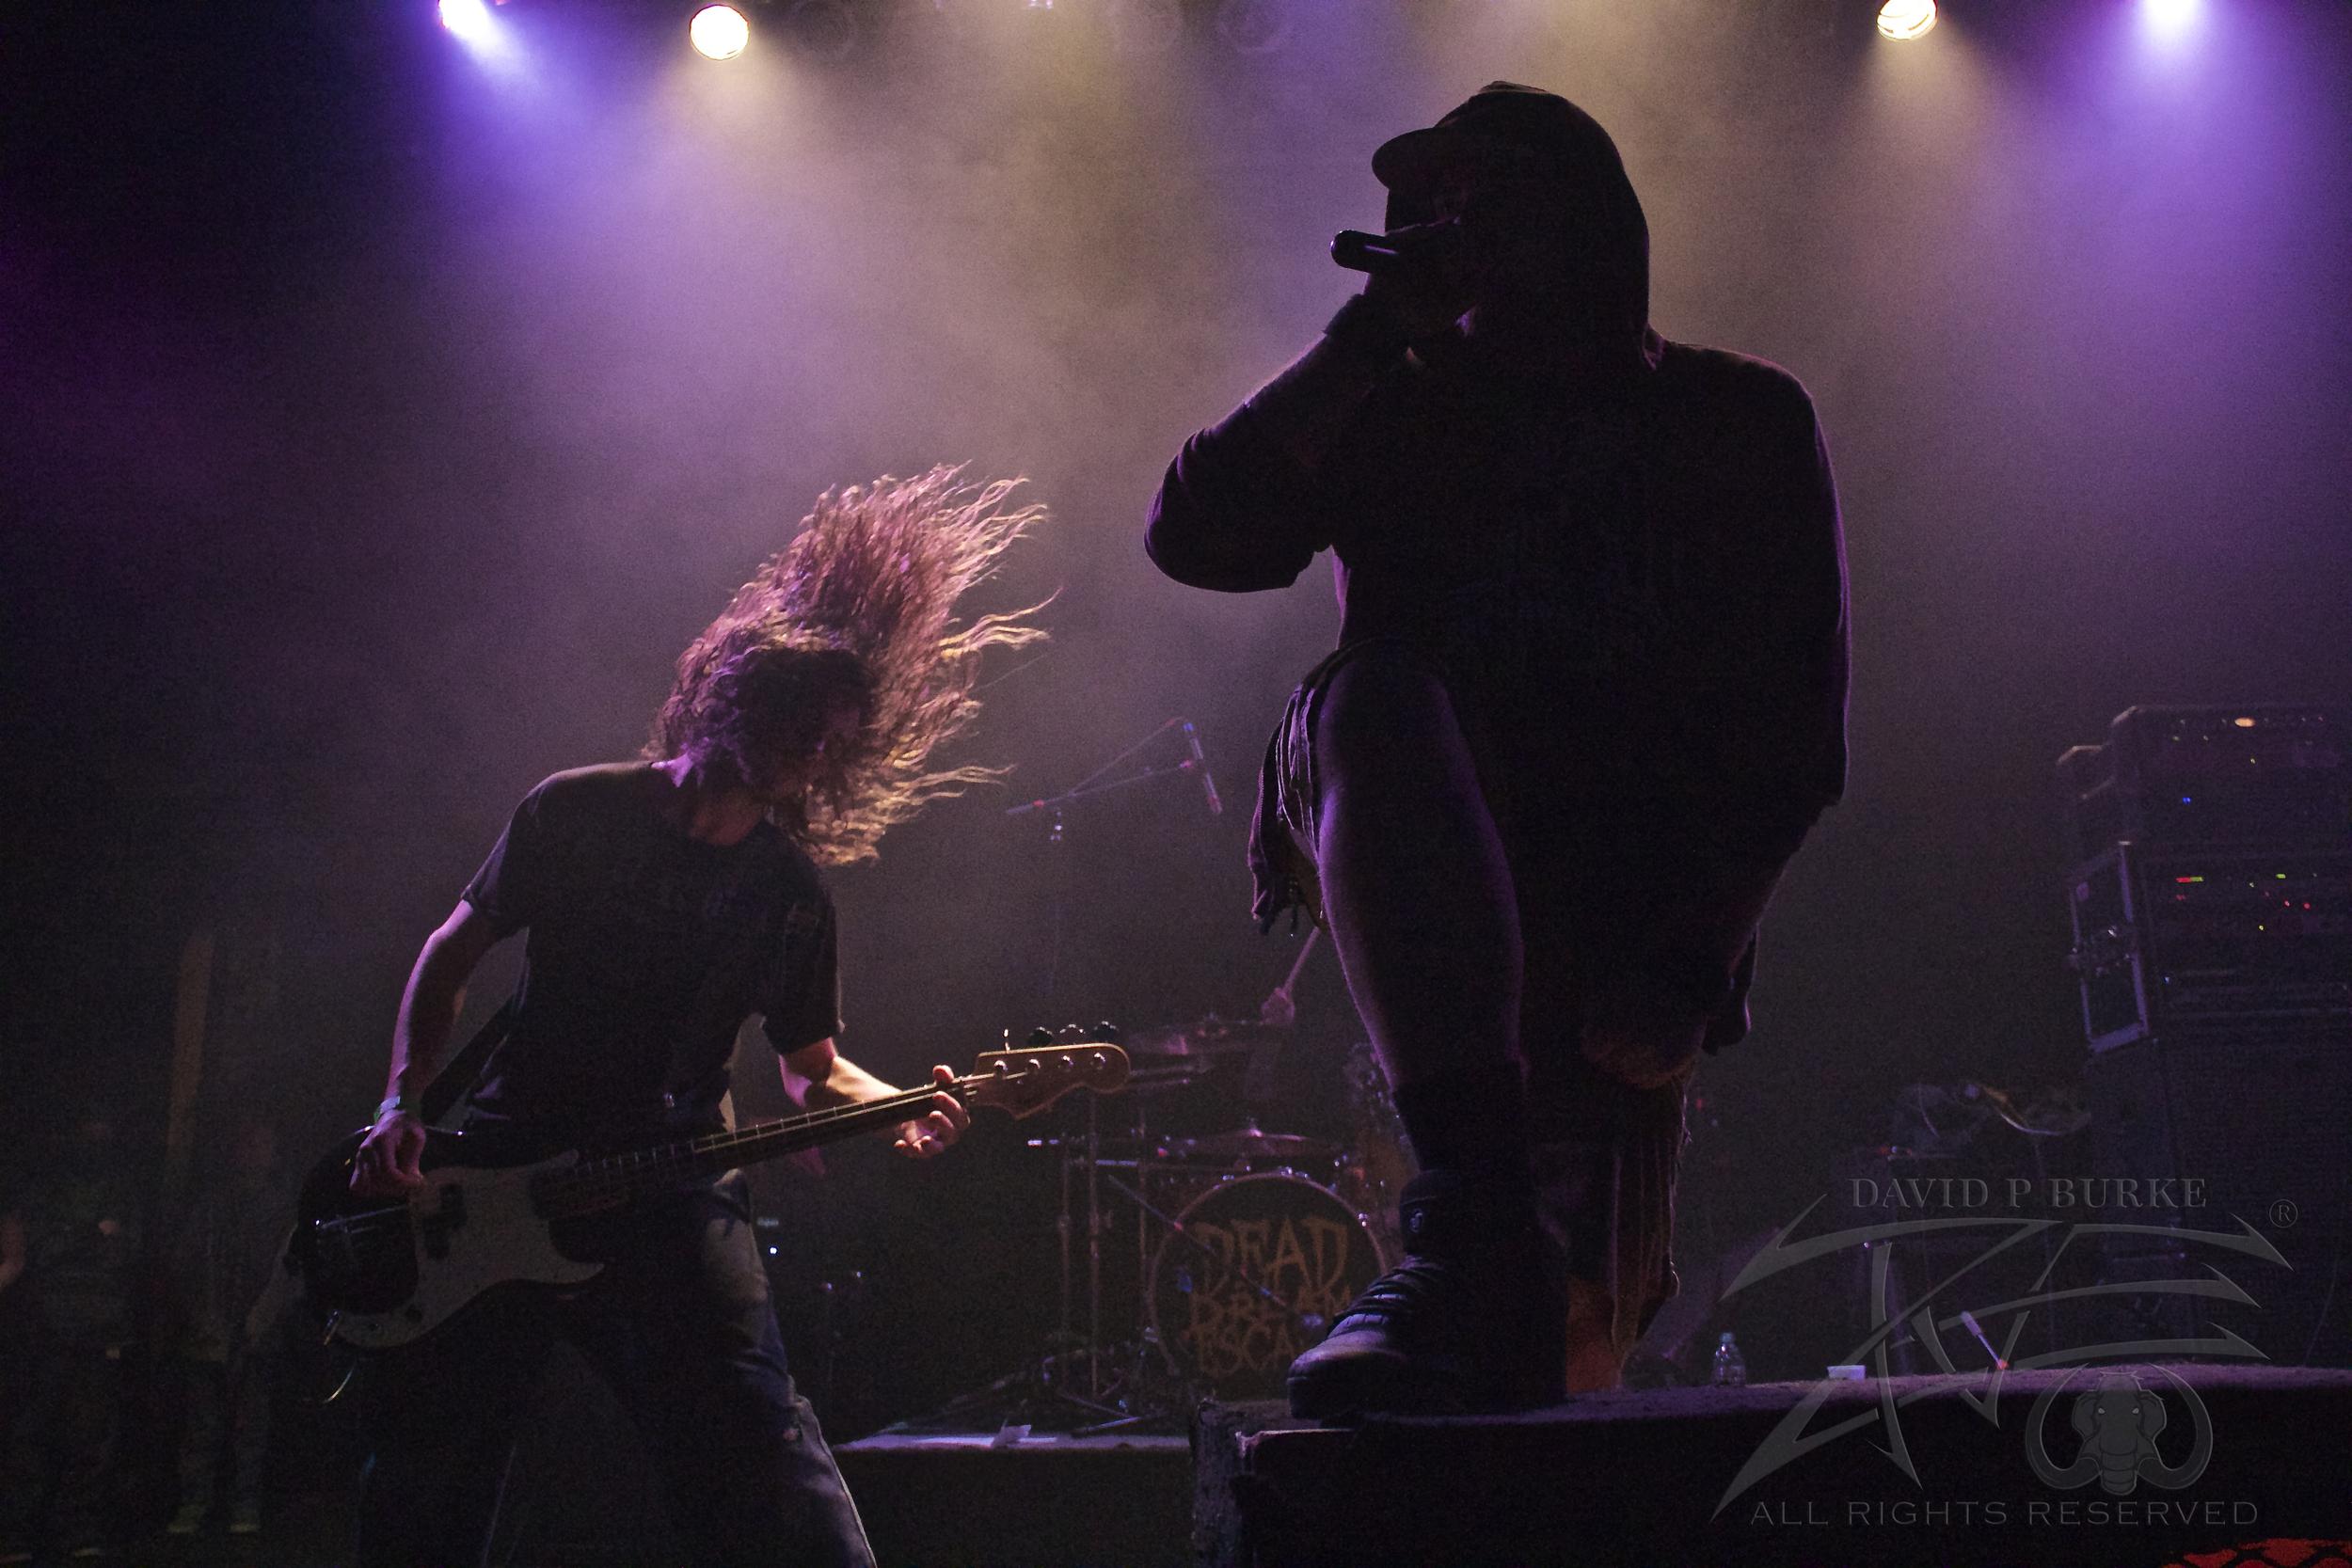 Dead Dream Escapes Garrett Nugent and Justin Pervis  photo: David burke